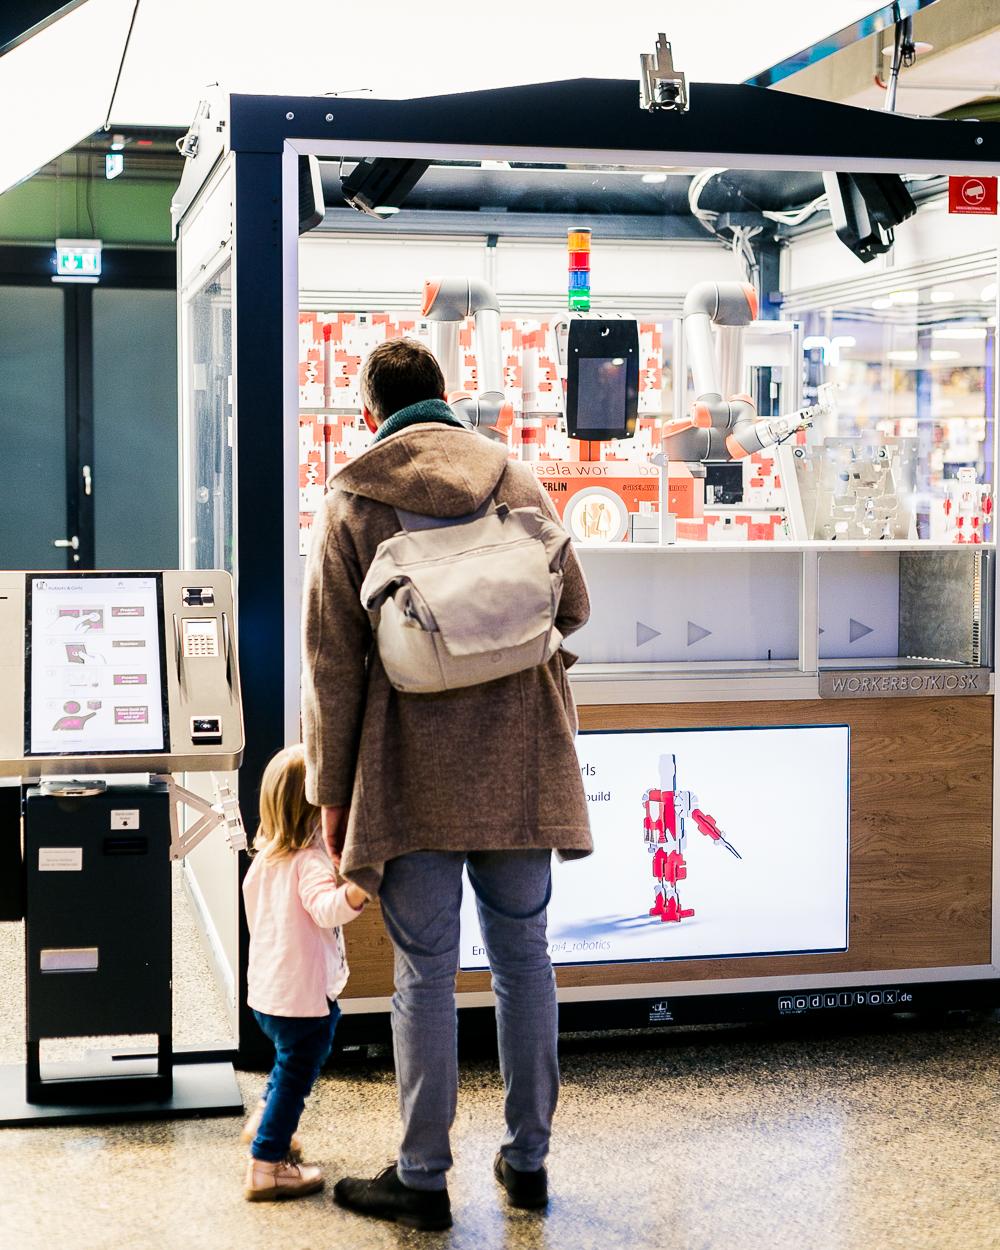 Patricia: Nicht nur ein Highlight für Kinder ist der erste humanoide Verkaufsroboter Deutschlands – Gisela. Als Gisela den 3D-Spielzeugroboter für Marlena anfertigte, bildete sich sofort eine große Menschentraube, die beobachtete, wie Gisela ihn innerhalb von 6 Minuten Stück für Stück zusammensetzte.